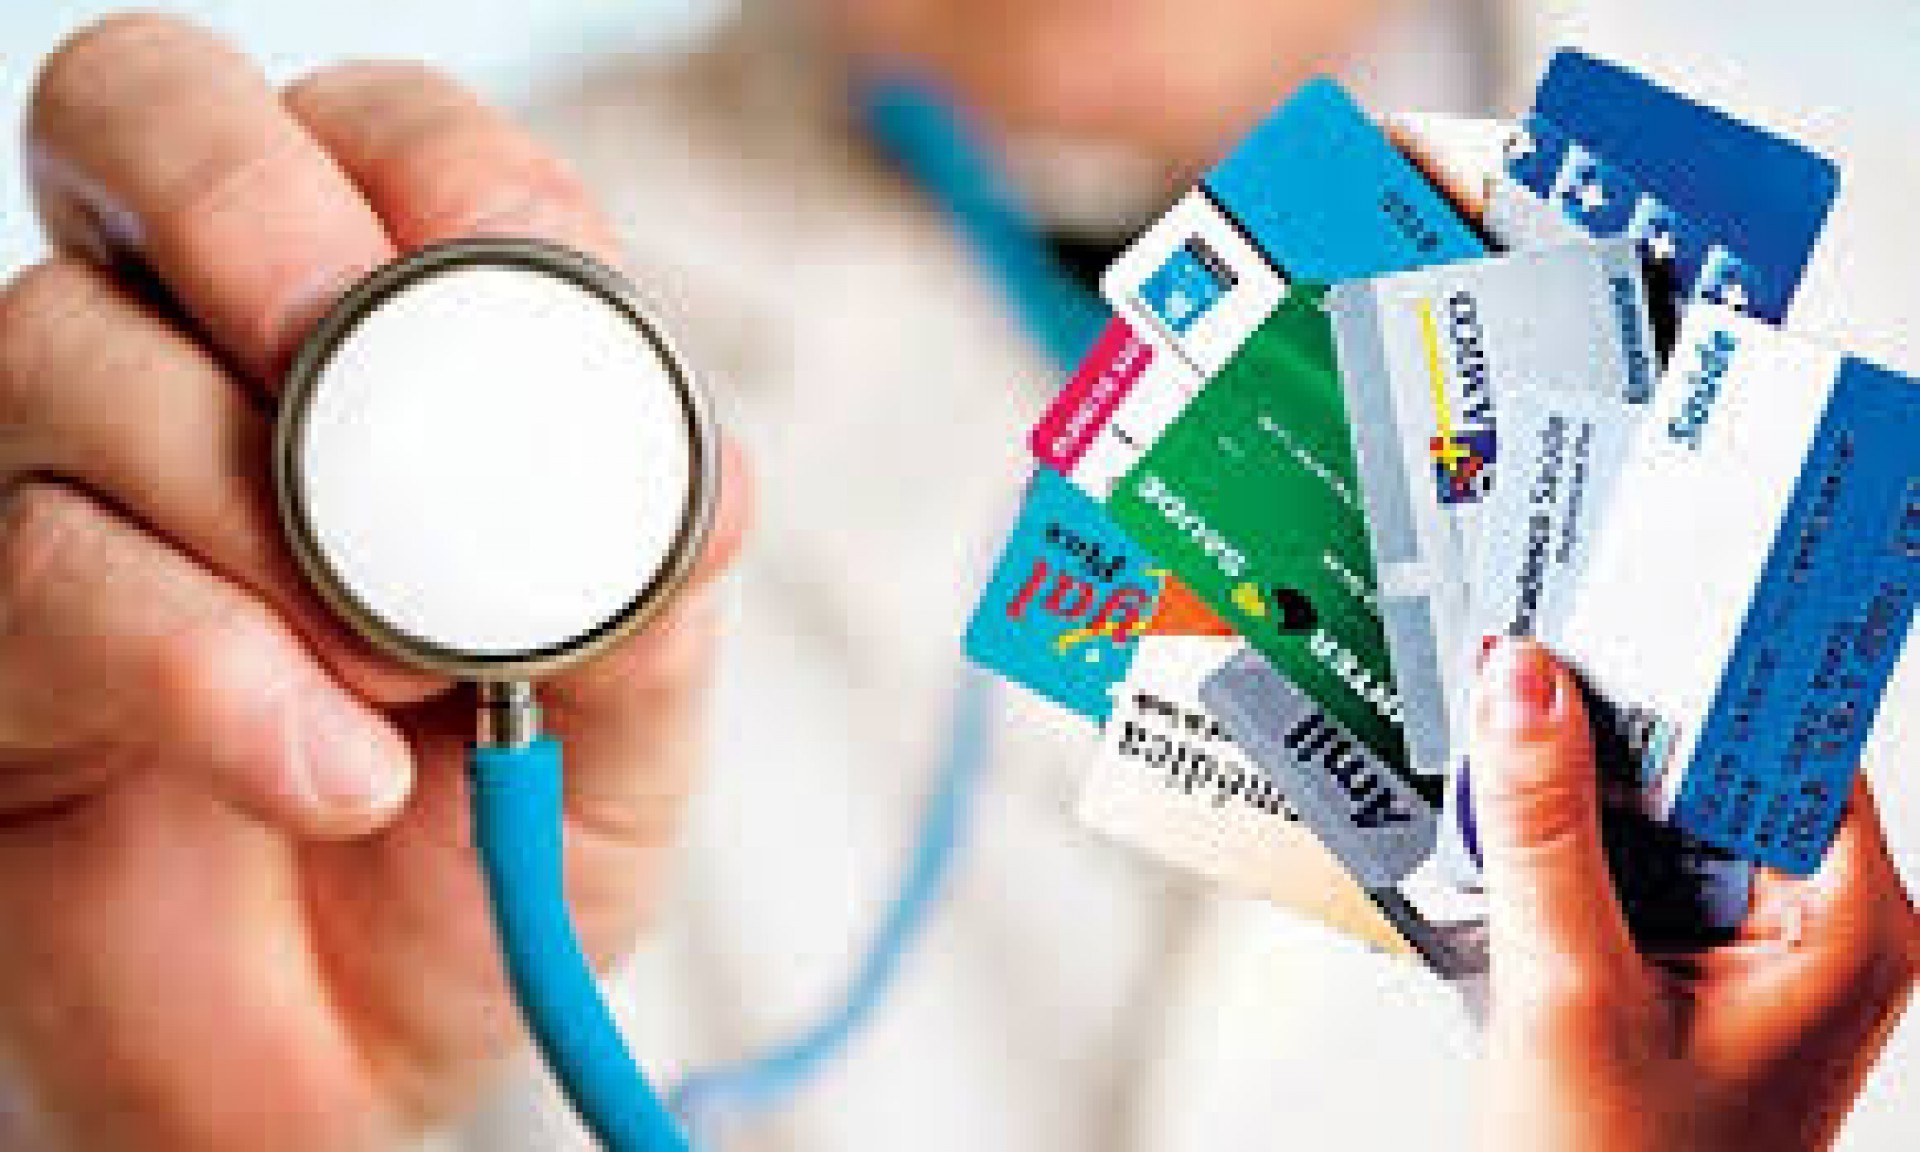 Planos de saúde terão valor reajustado para 2021. Em janeiro, entra em vigor aumento previsto para 2020, que foi adiado por causa da pandemia.